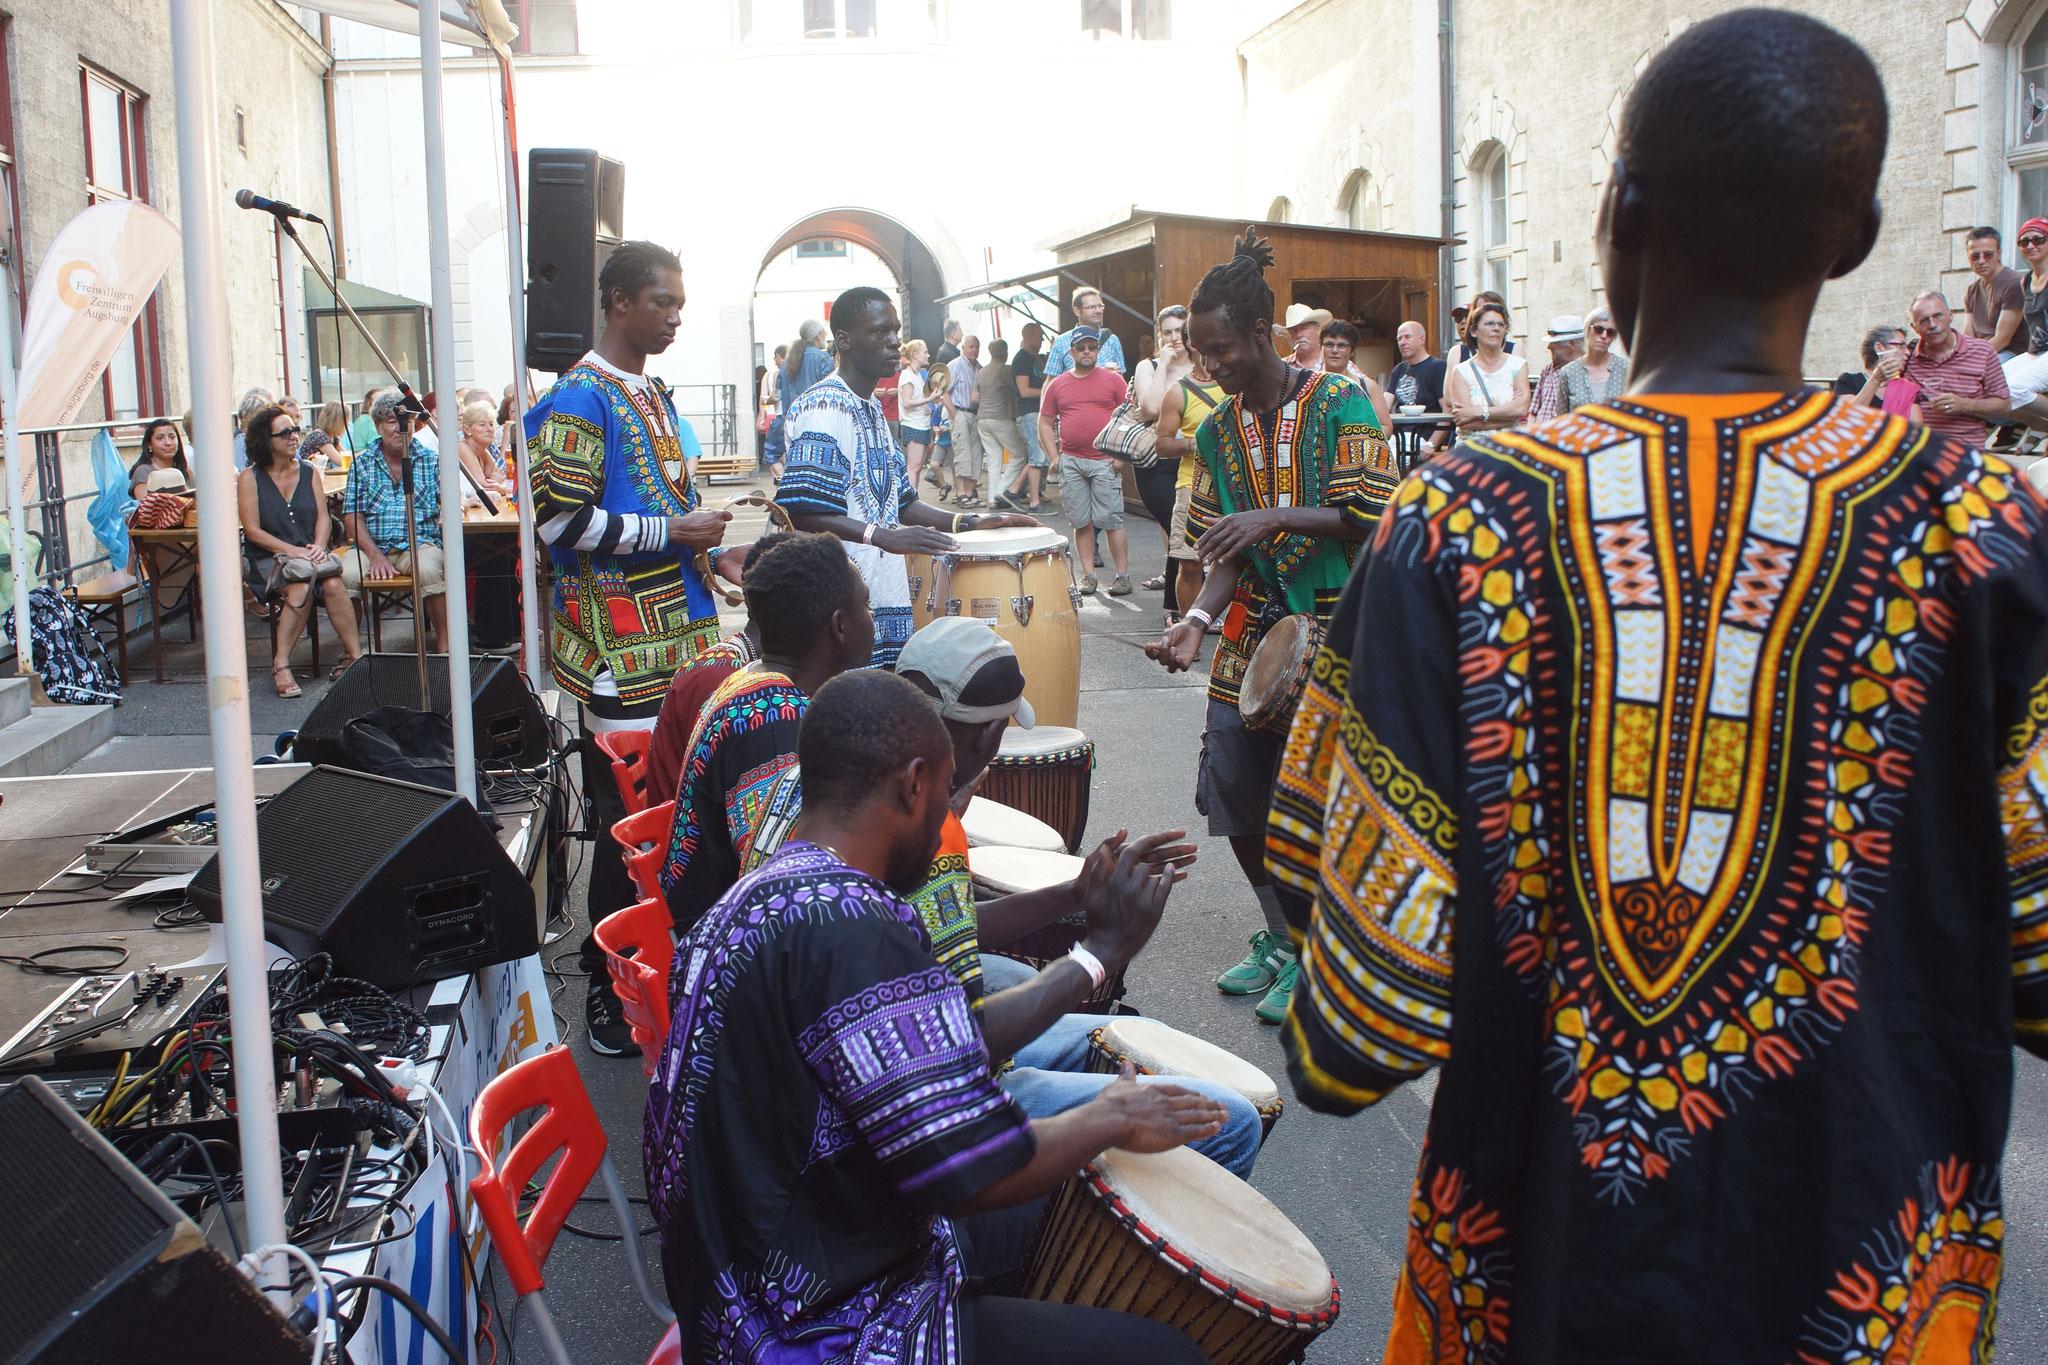 Konzerte im Bürgerhof 03.07.15 Africans - Freiwilligen-Zentrum Augsburg - Foto: Crayfish